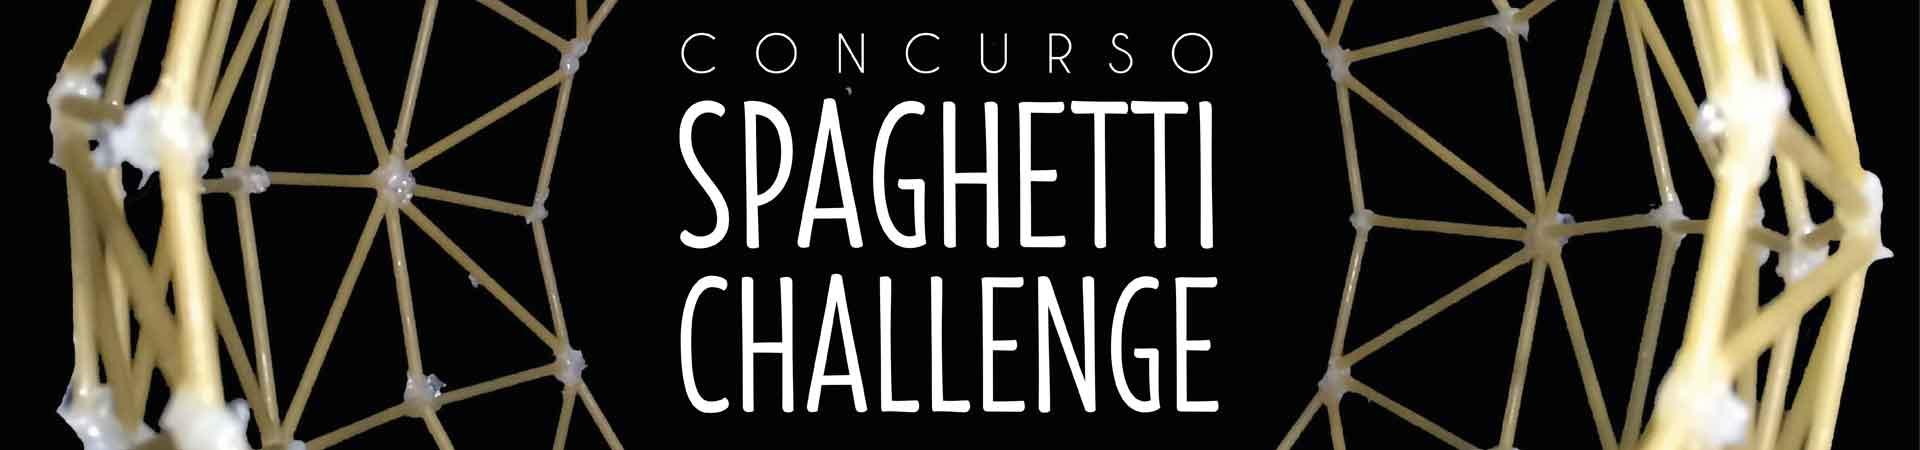 Concurso Spaghetti Challenge - Universidad ORT Uruguay